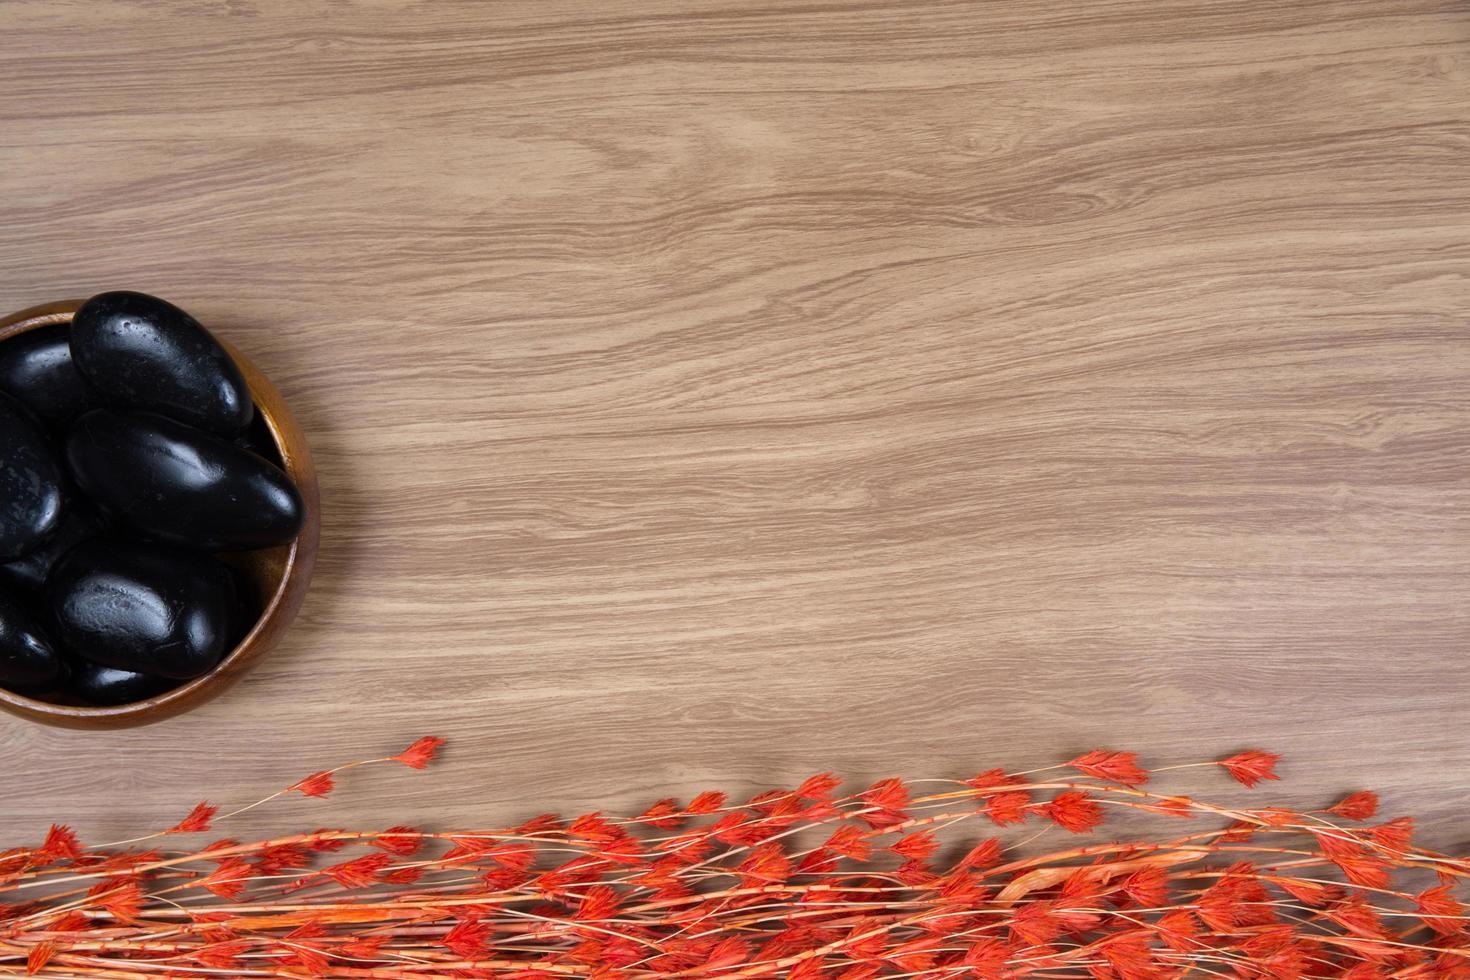 décor de spa sur fond de bois photo